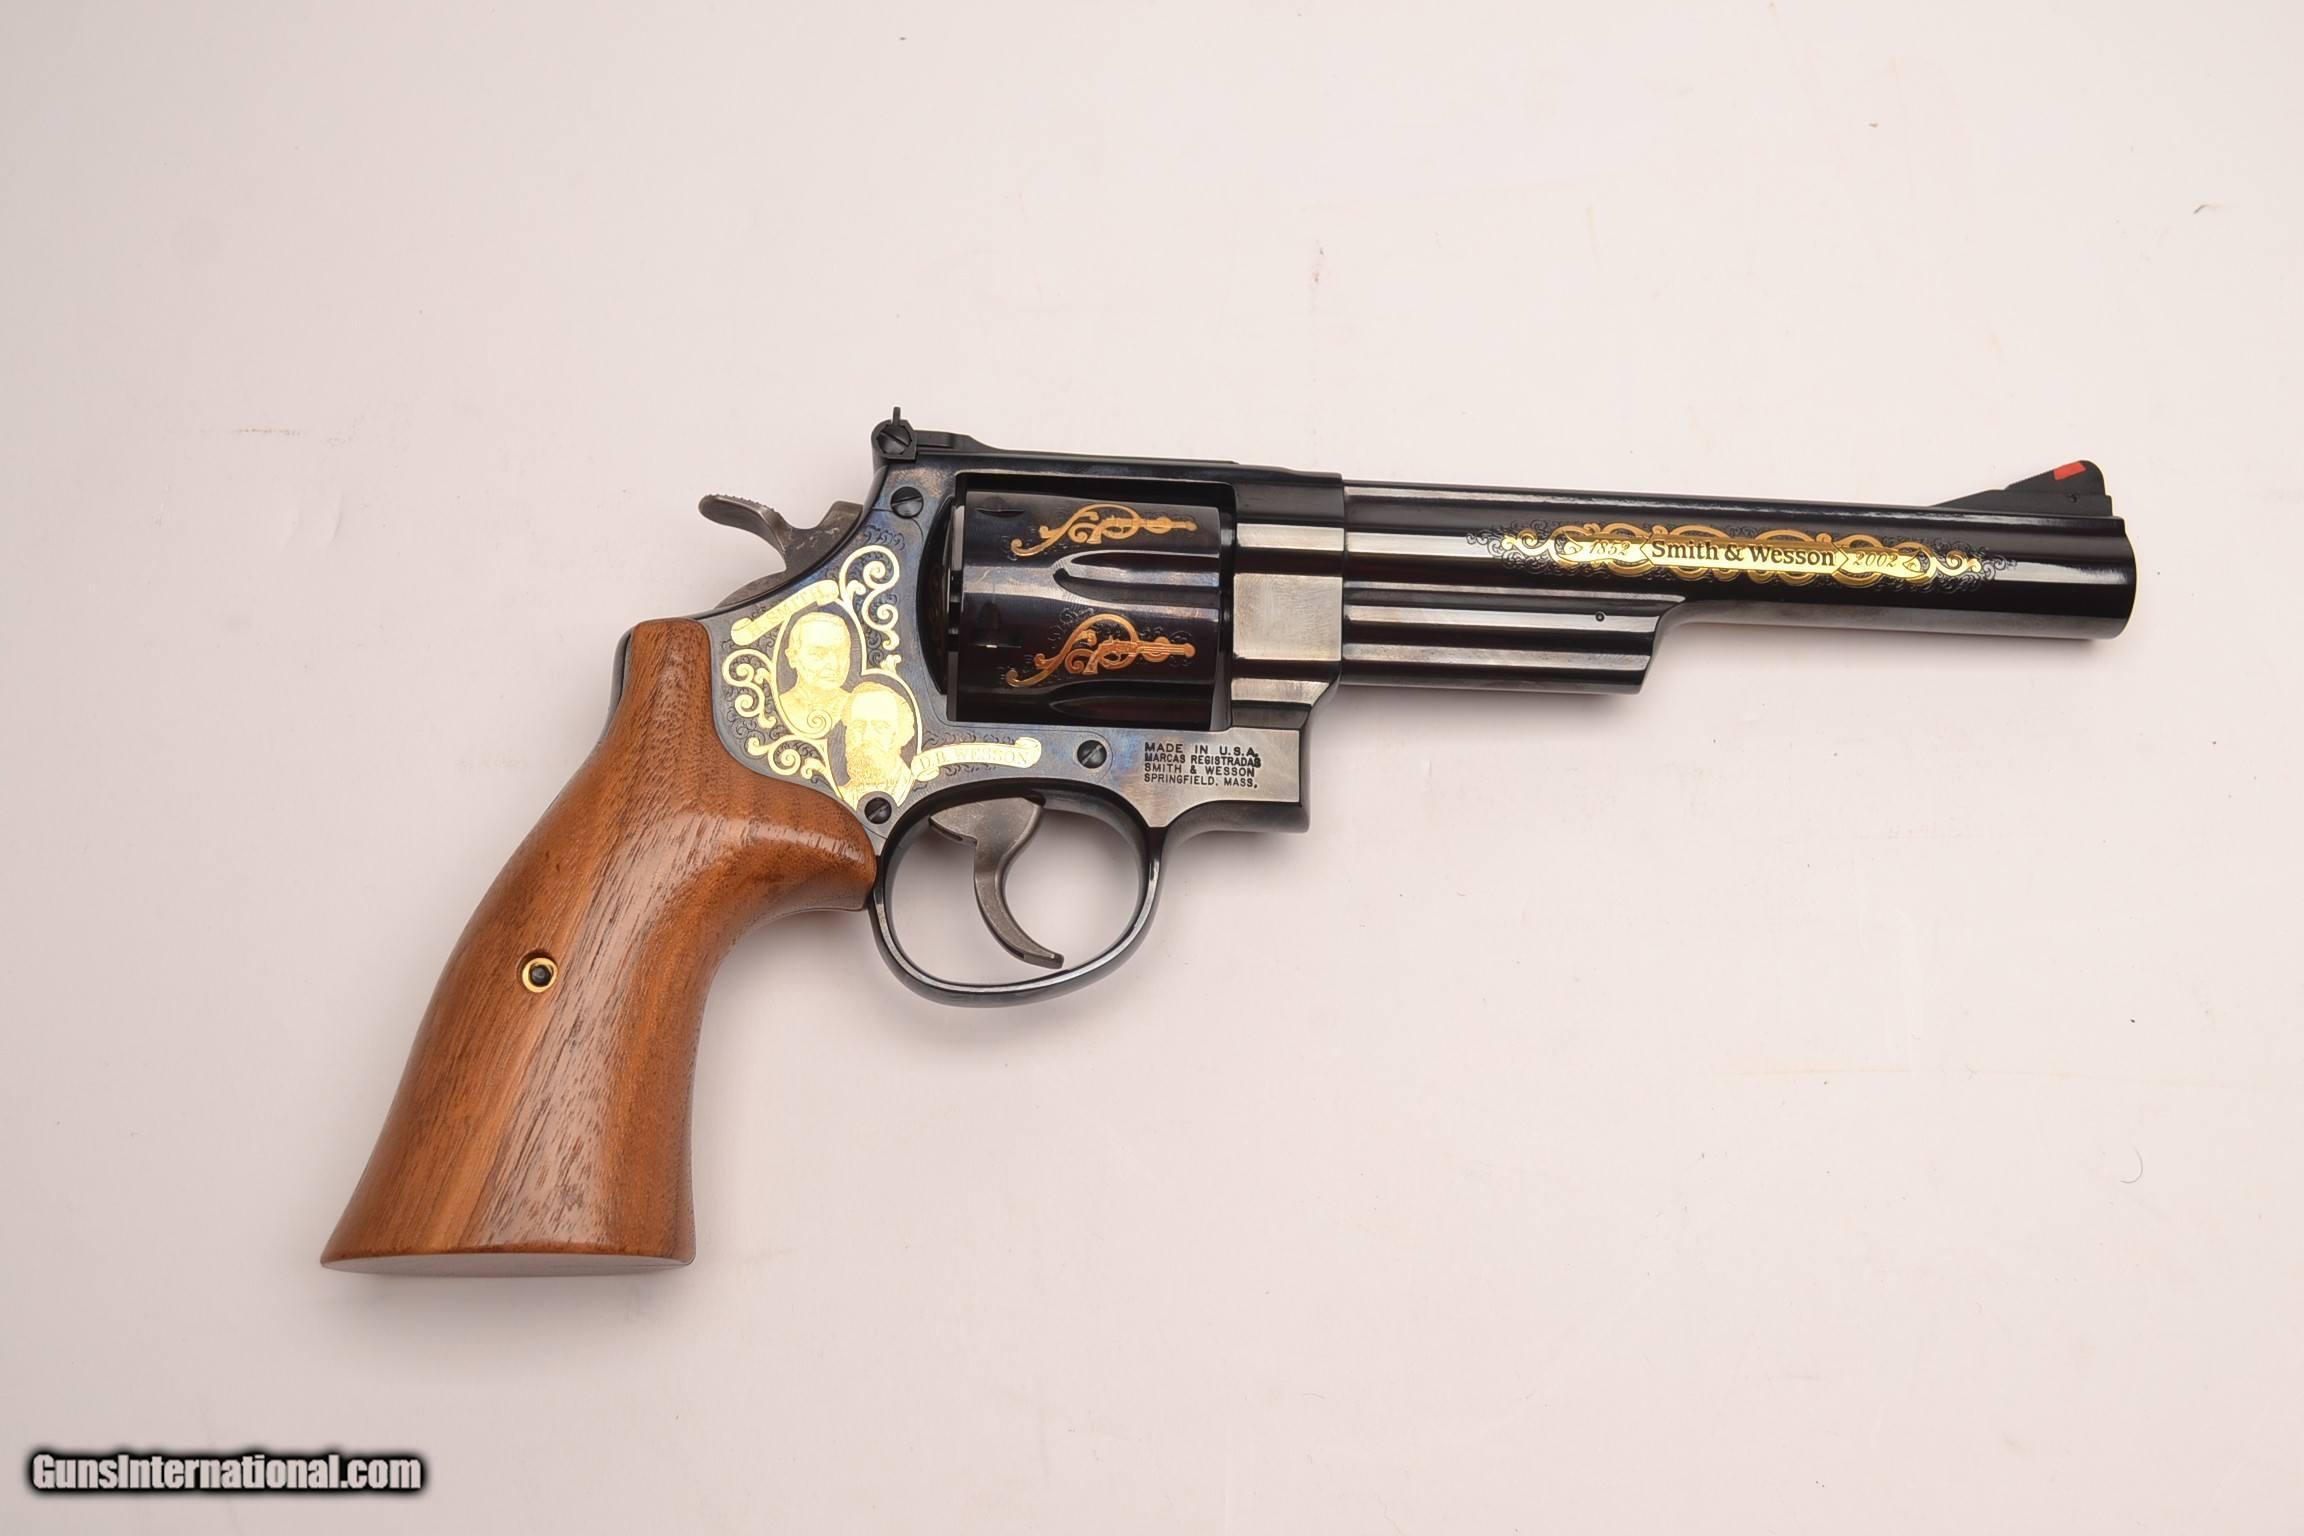 smith wesson 44 magnum revolver model 29 8 150th anniversary